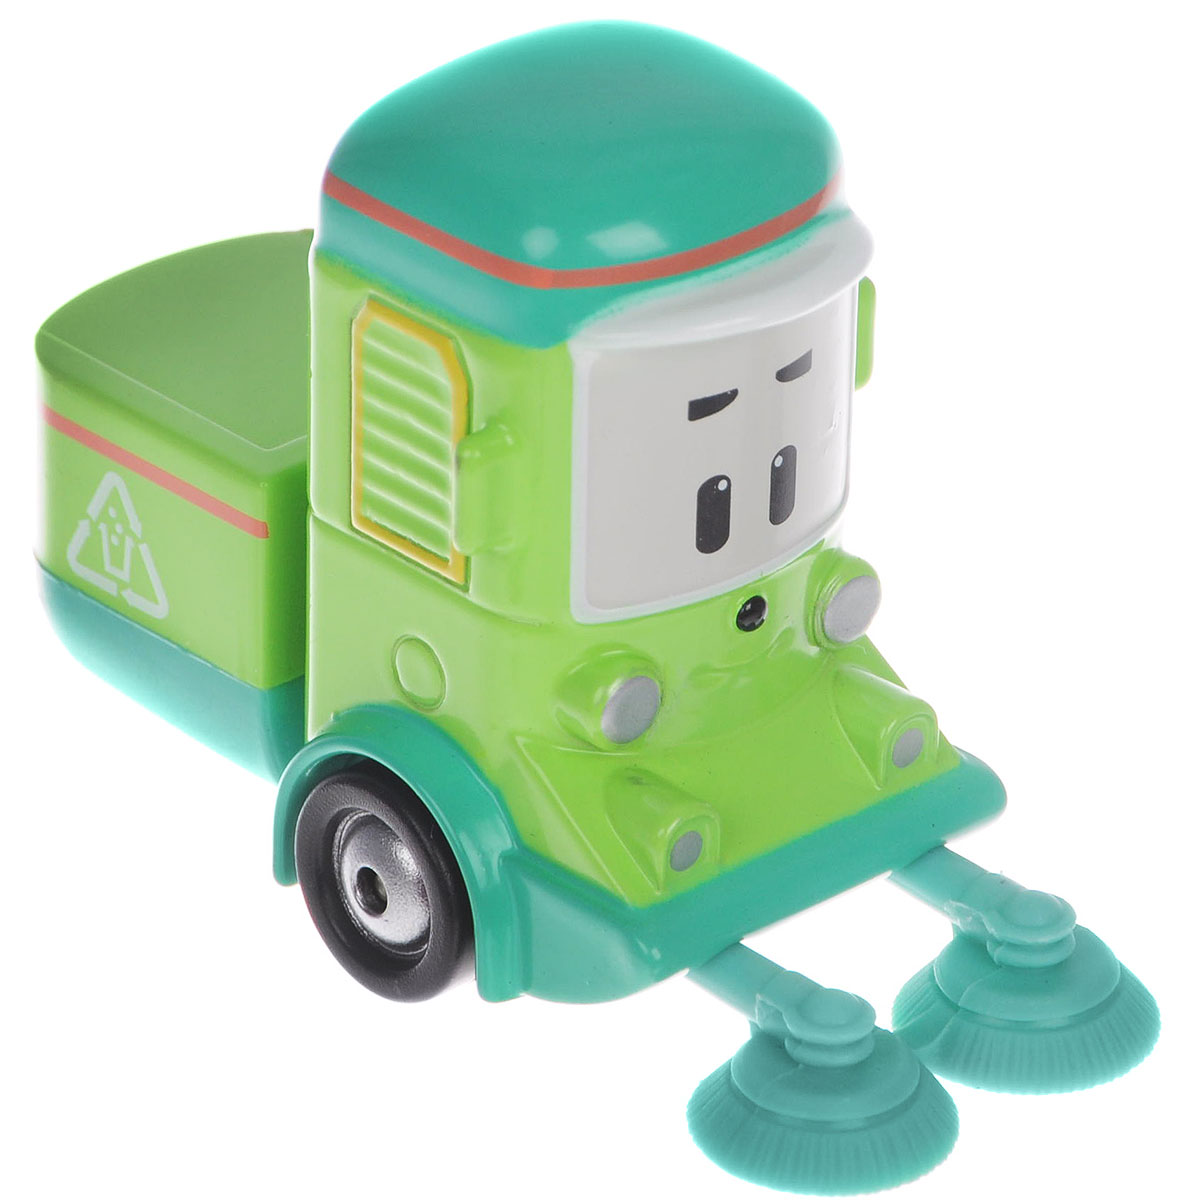 """Яркая игрушка Poli """"Машинка Клини"""" непременно понравится вашему малышу. Она выполнена из металла с элементами пластика в виде машинки для уборки мусора Клини - персонажа популярного мультсериала """"Robocar Poli"""". Клини оснащен колесиками со свободным ходом, позволяющими катать машинку. Благодаря небольшому размеру ребенок сможет взять игрушку с собой на прогулку, в поездку или в гости. Порадуйте своего малыша таким замечательным подарком!"""